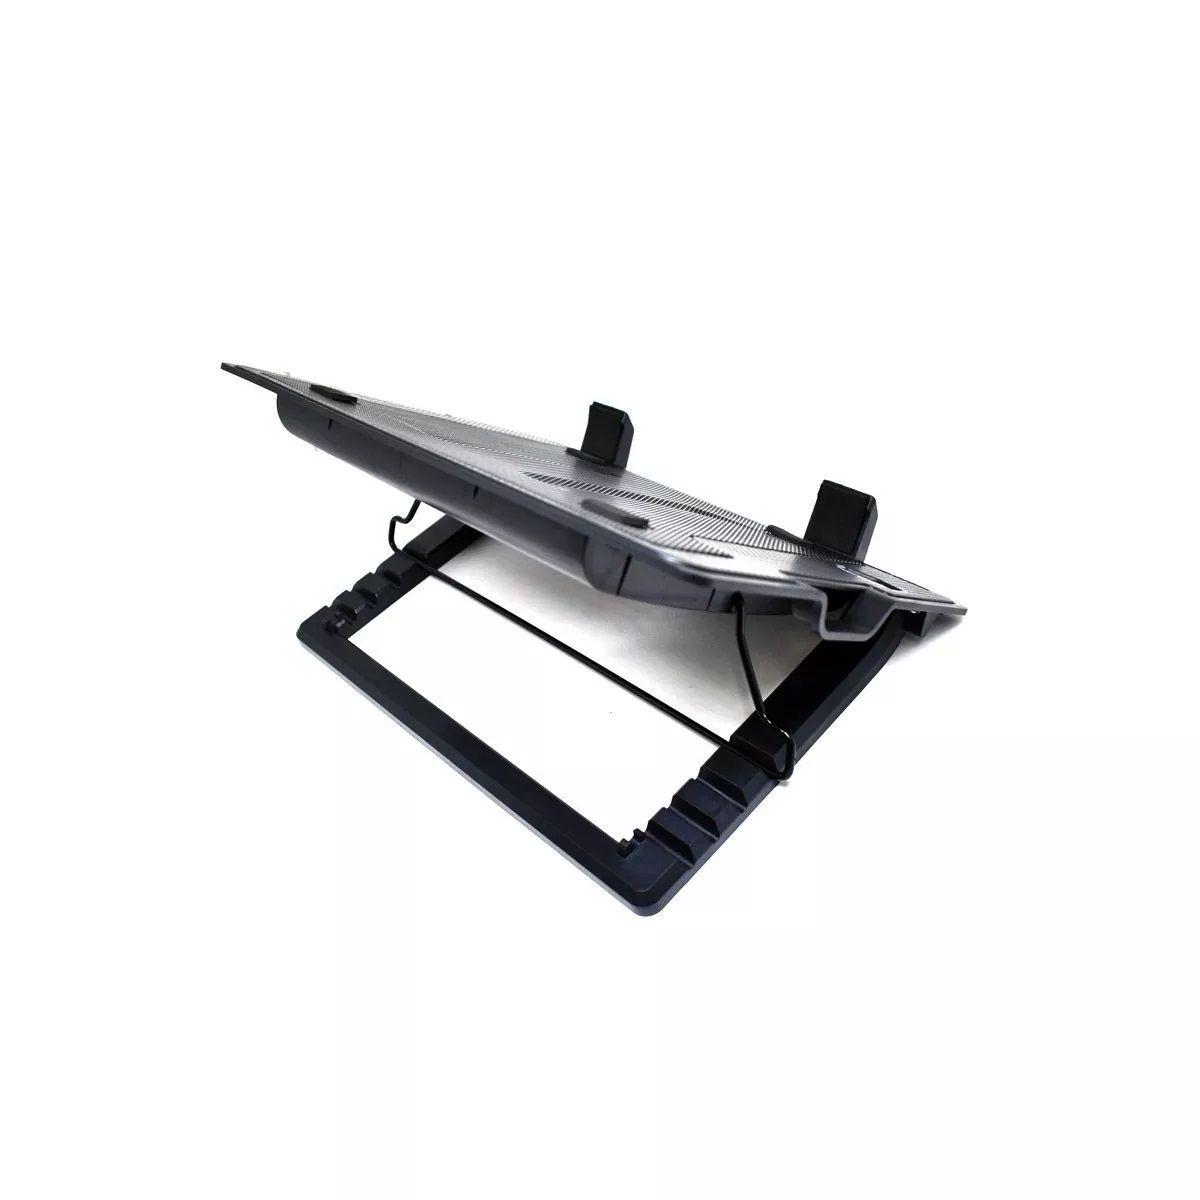 Base Suporte Para Notebook Com Cooler E Iluminação Kp9013